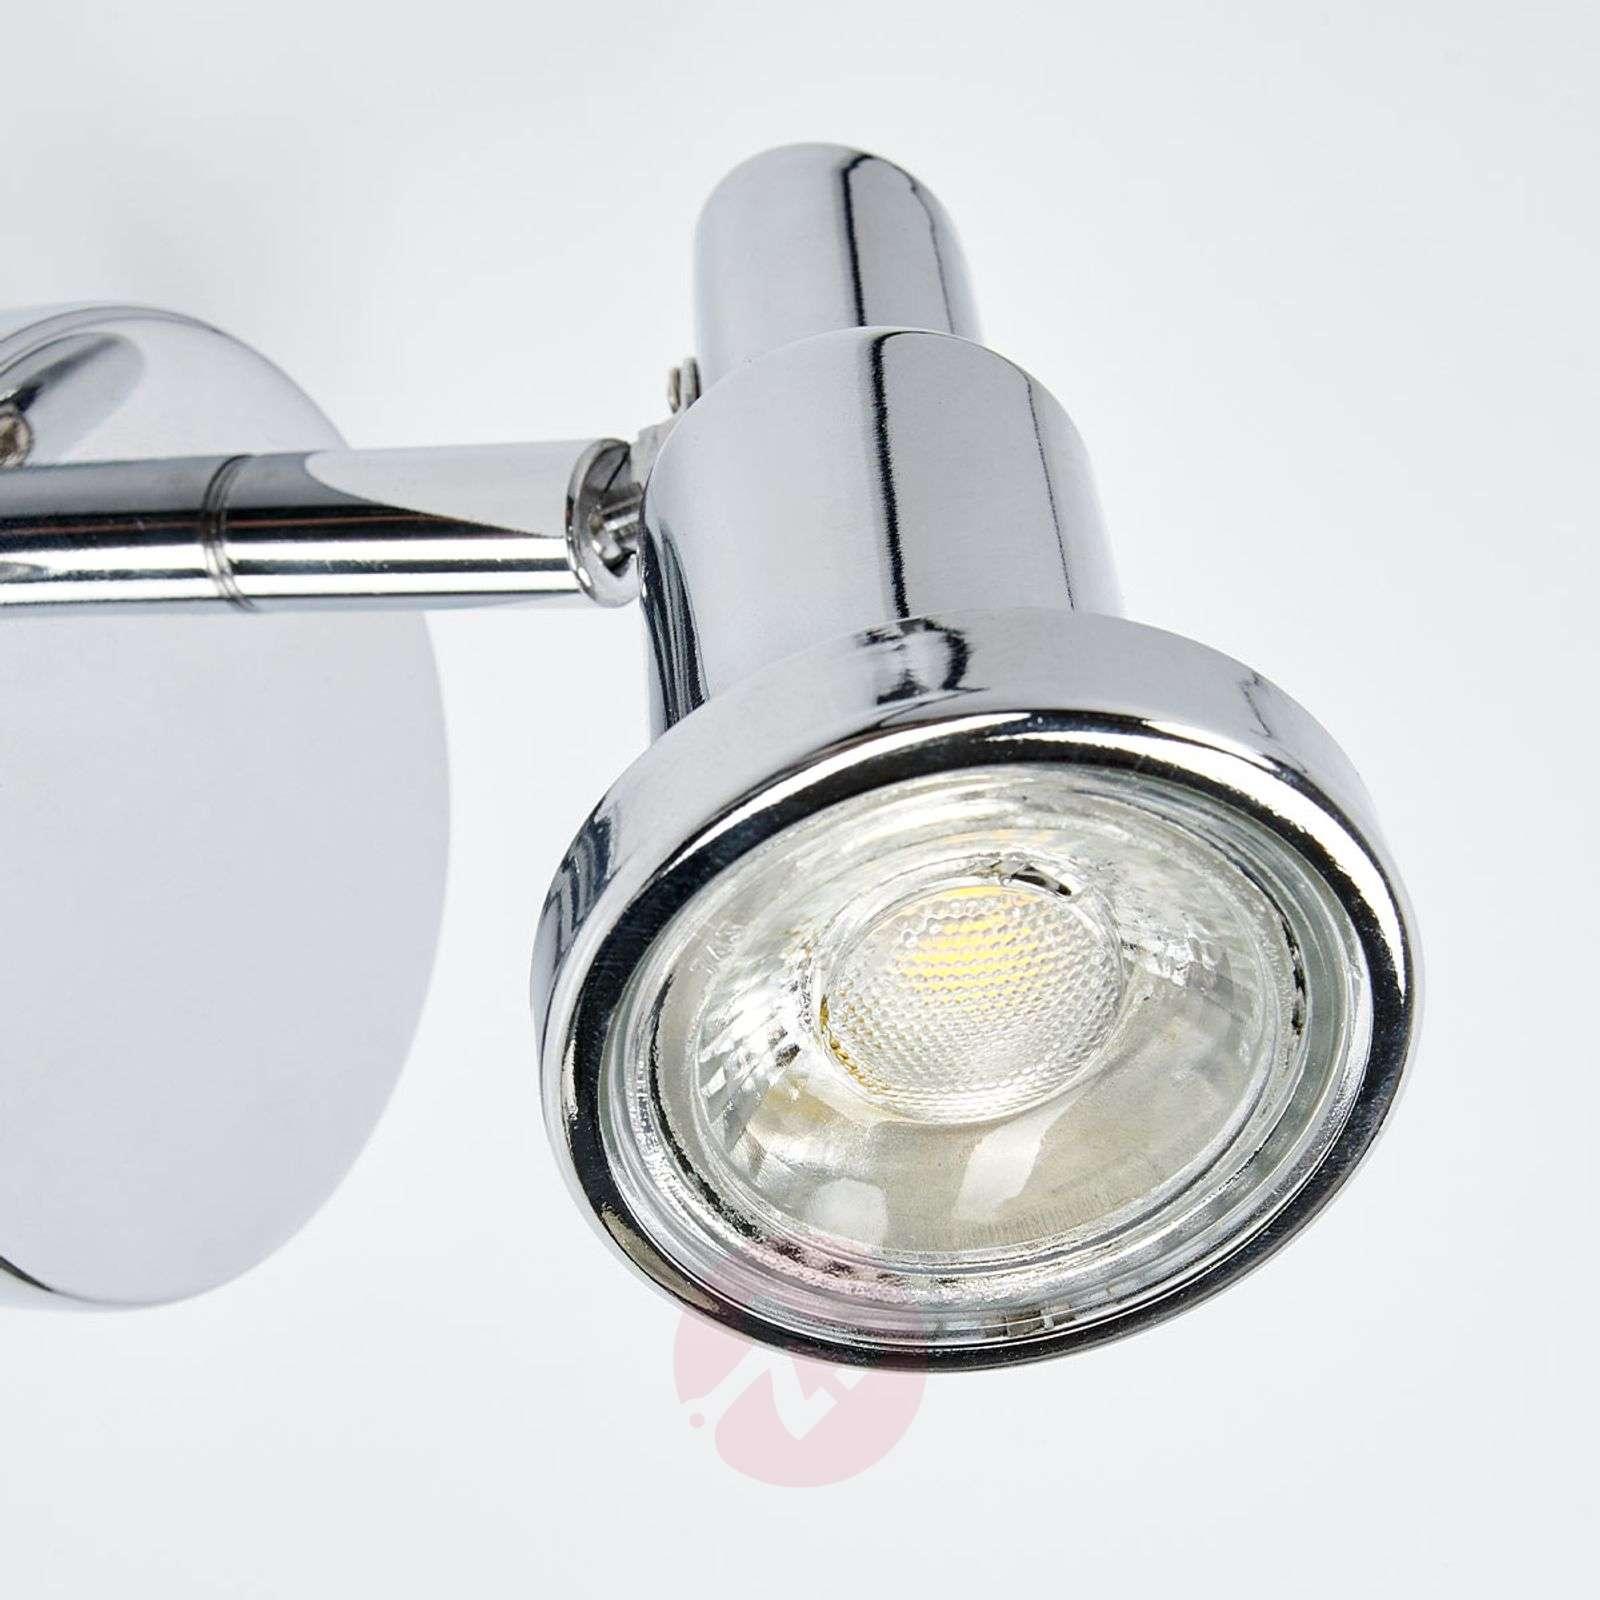 Kromattu LED-spotti Thom, GU10-9954011-02